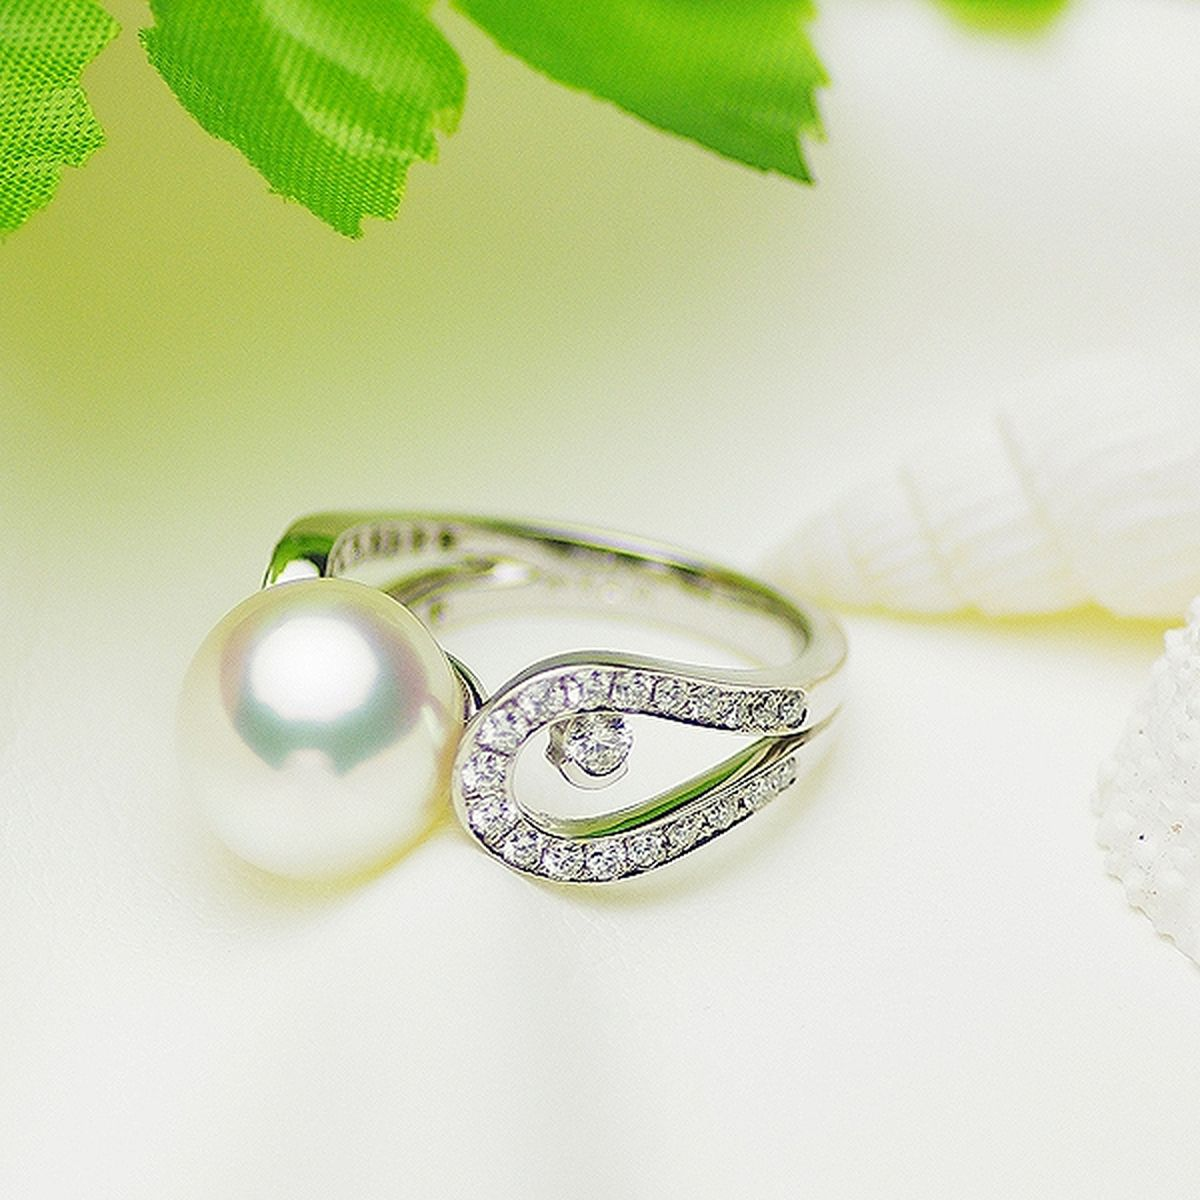 南洋白蝶真珠リング 約11.0mmの写真